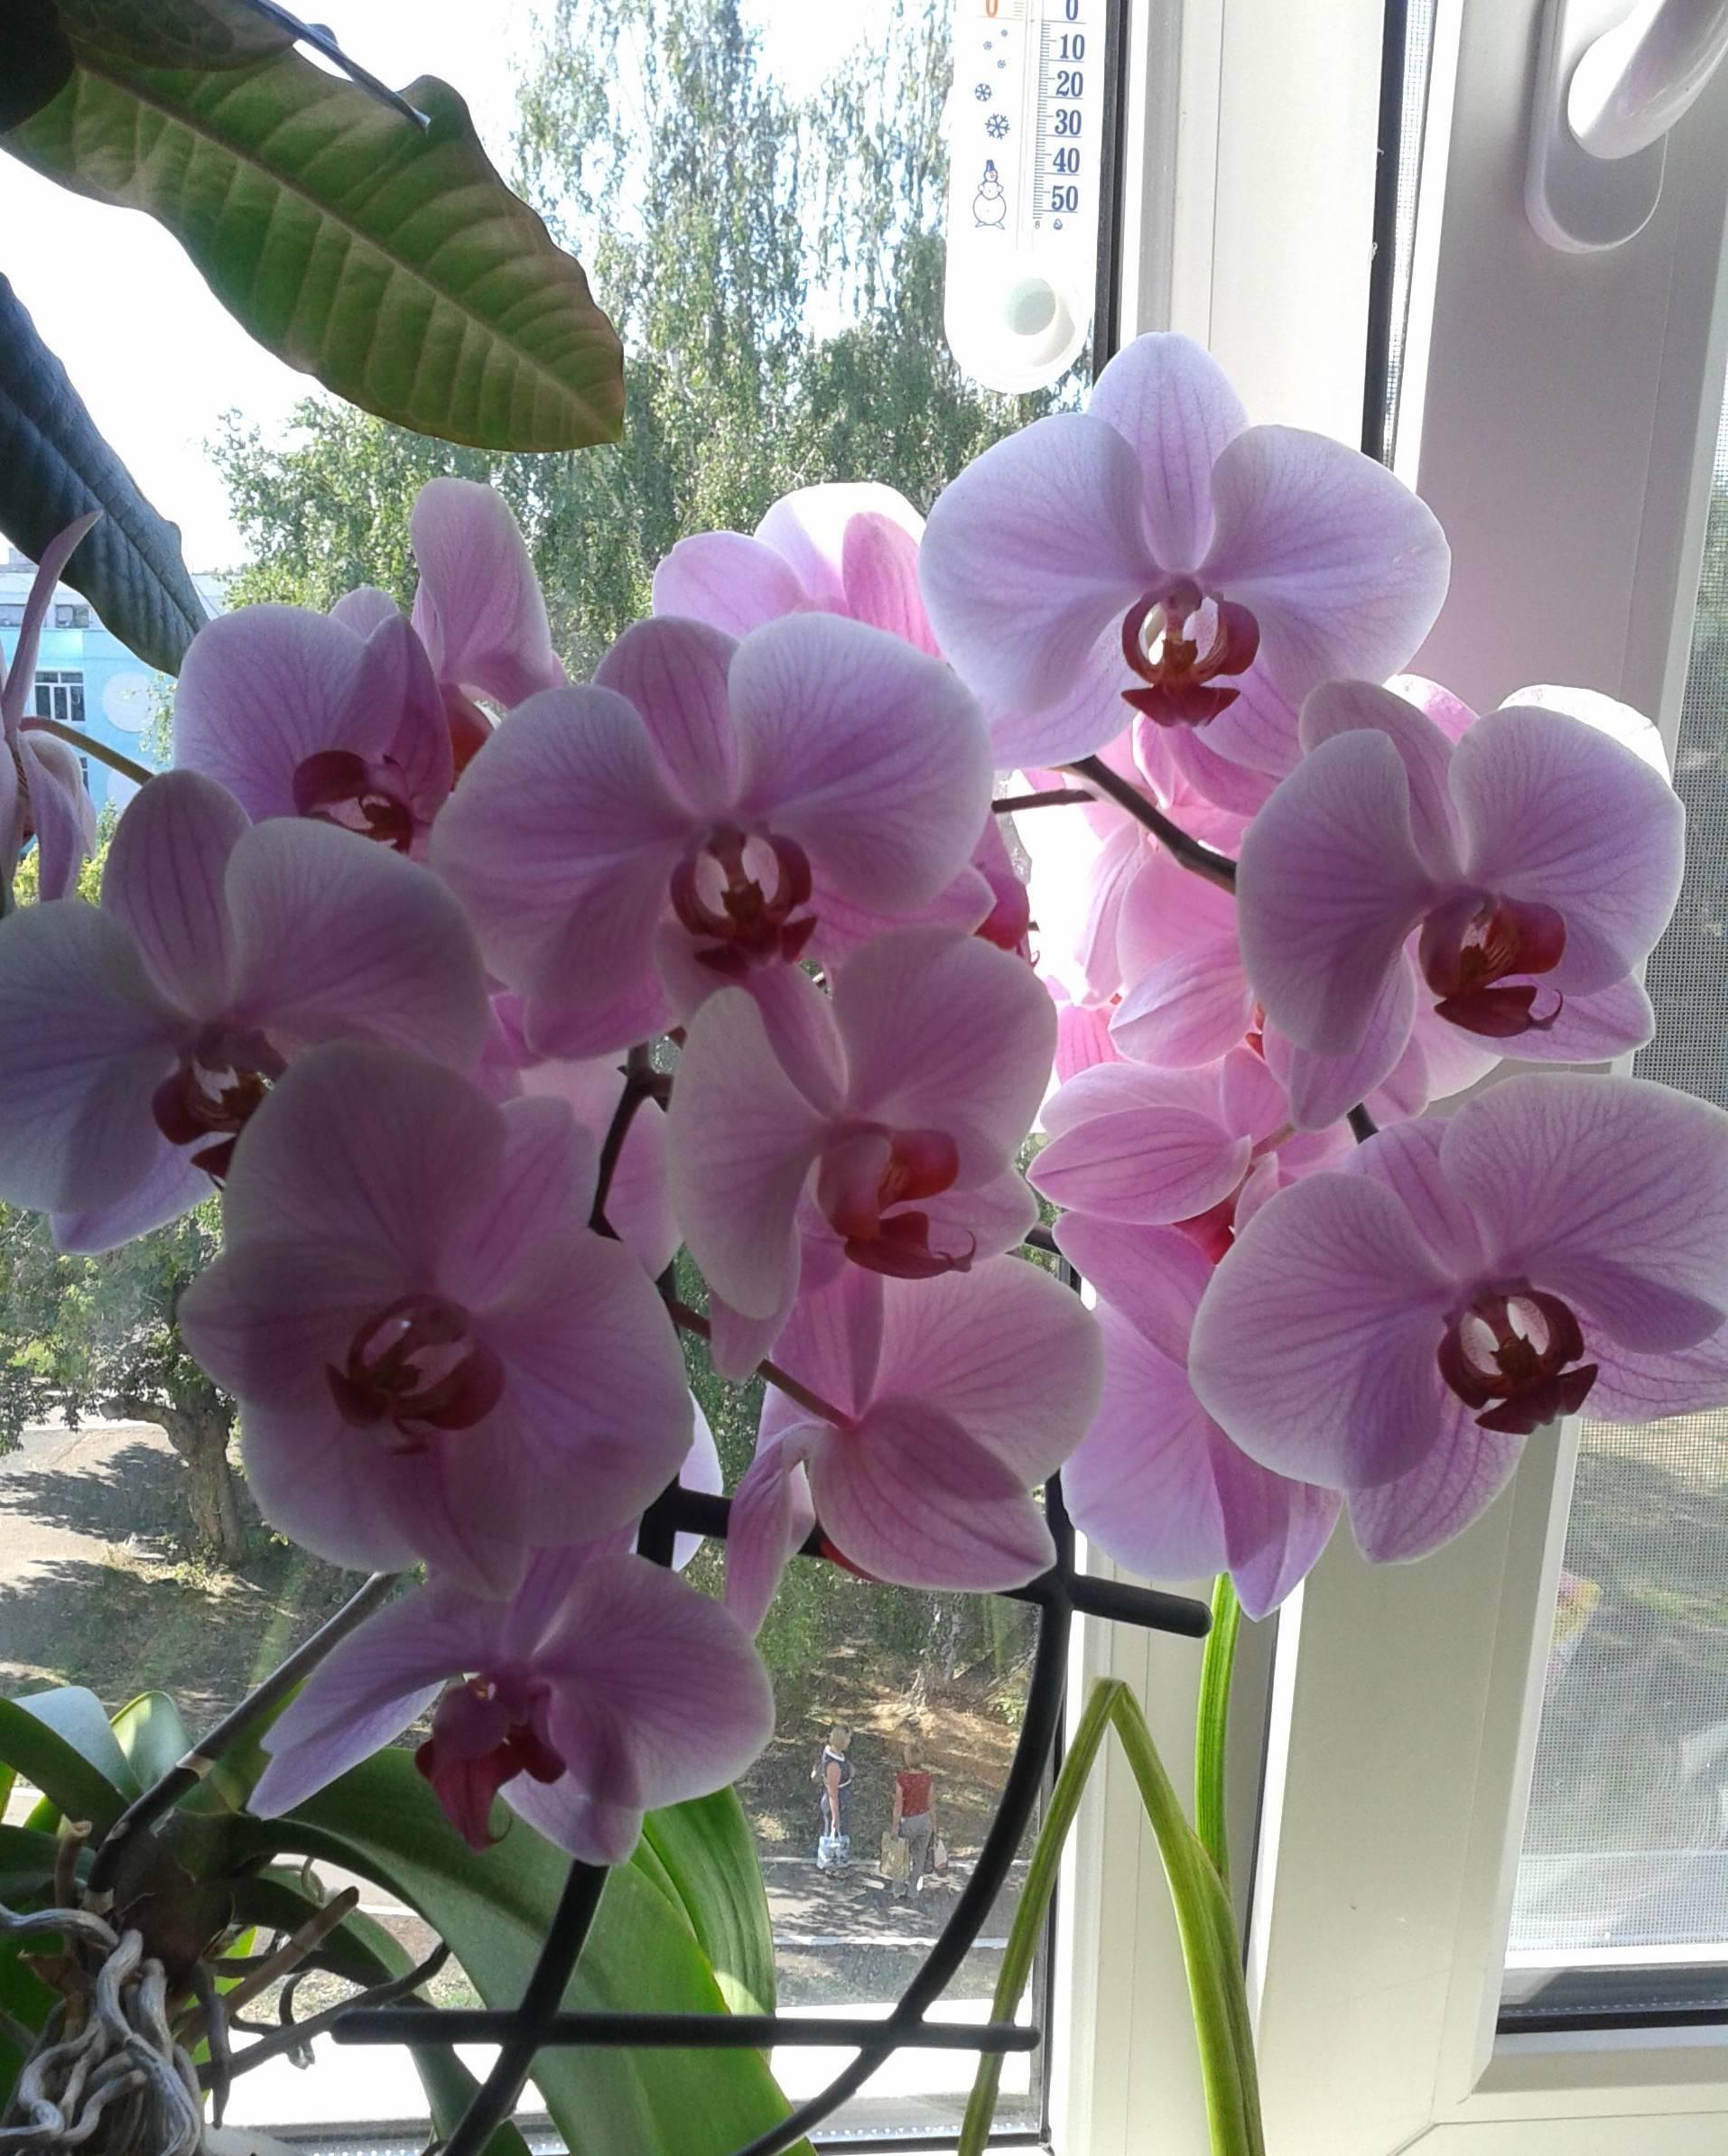 Почему опадают бутоны у орхидеи: основные причины сбрасывания - pocvetam.ru